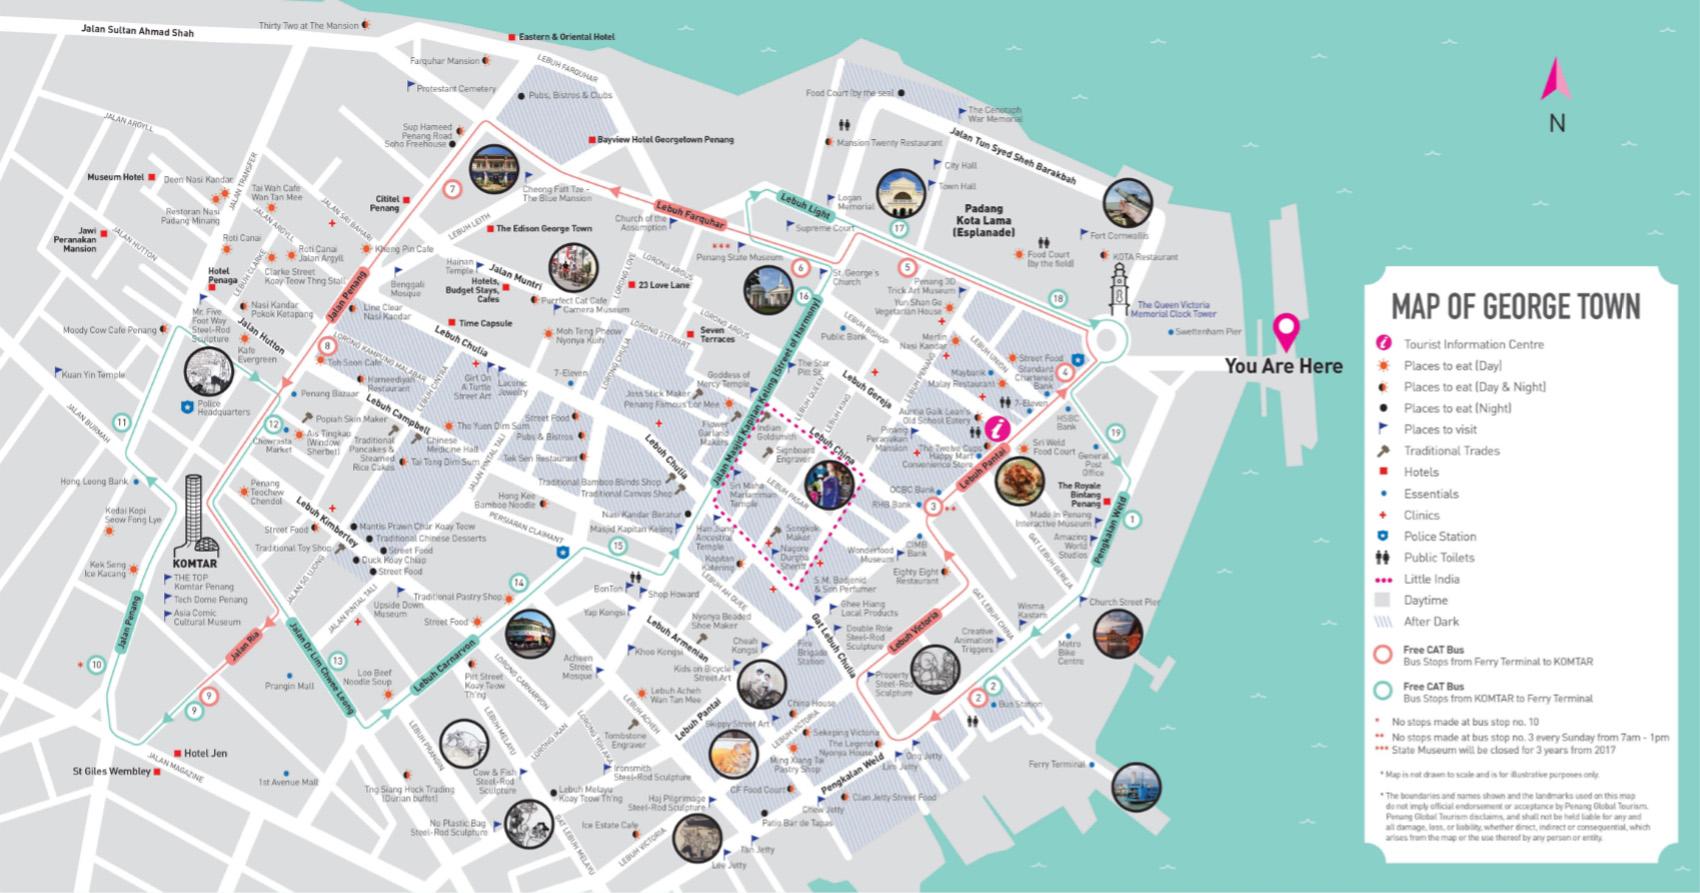 แผนที่เส้นทางรถเมล์ CAT ในย่านจอร์จทาวน์ ปีนัง (ภาพจาก การท่องเที่ยวมาเลเซีย)